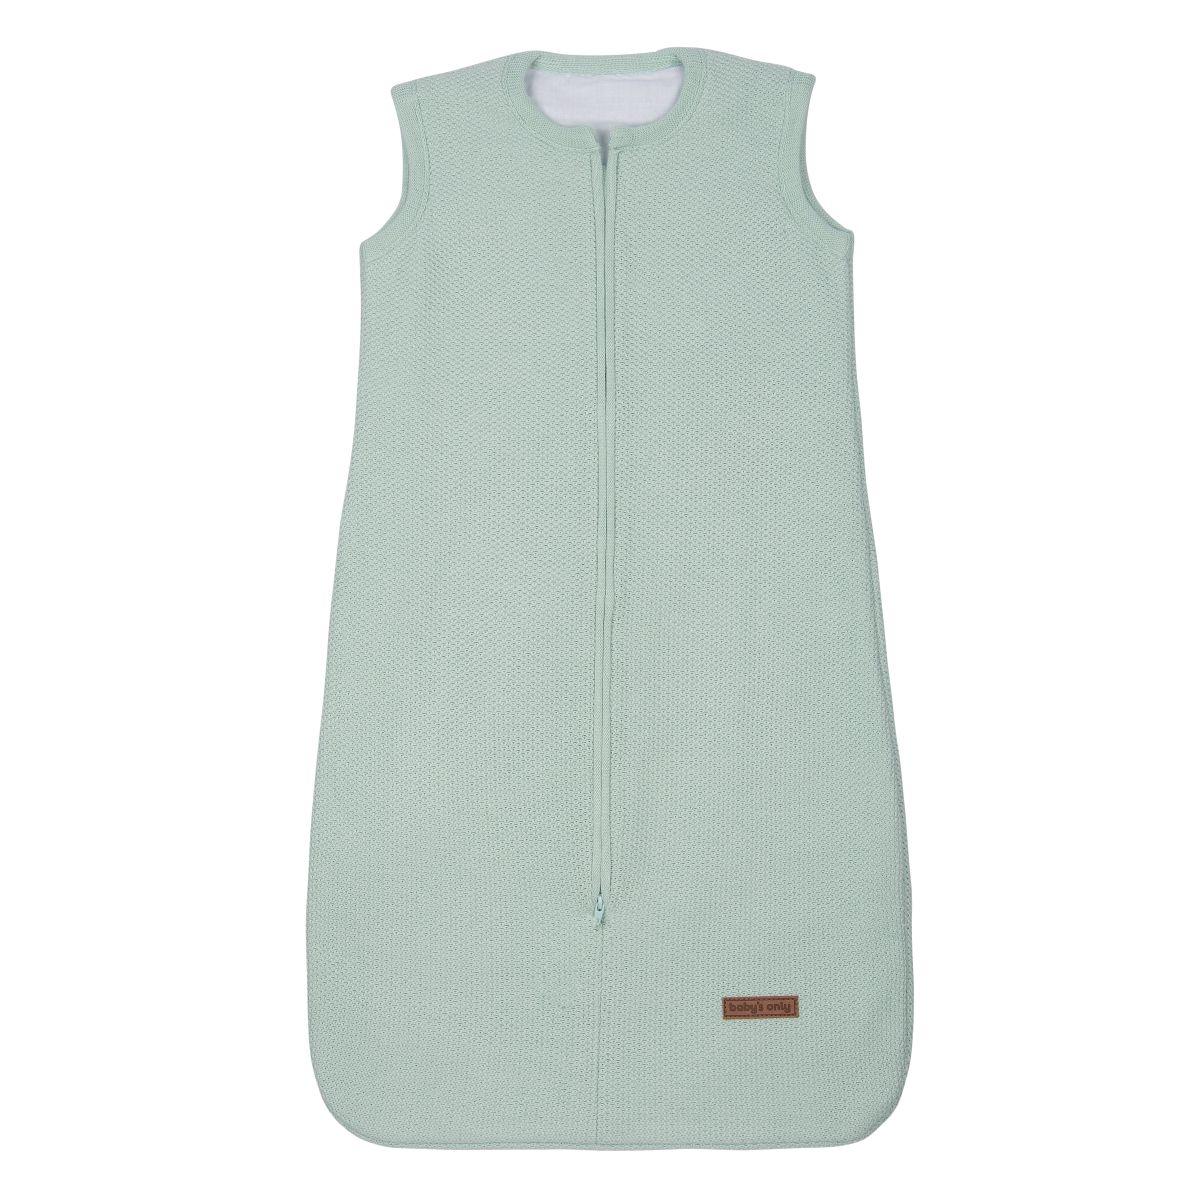 sleeping bag classic mint 70 cm